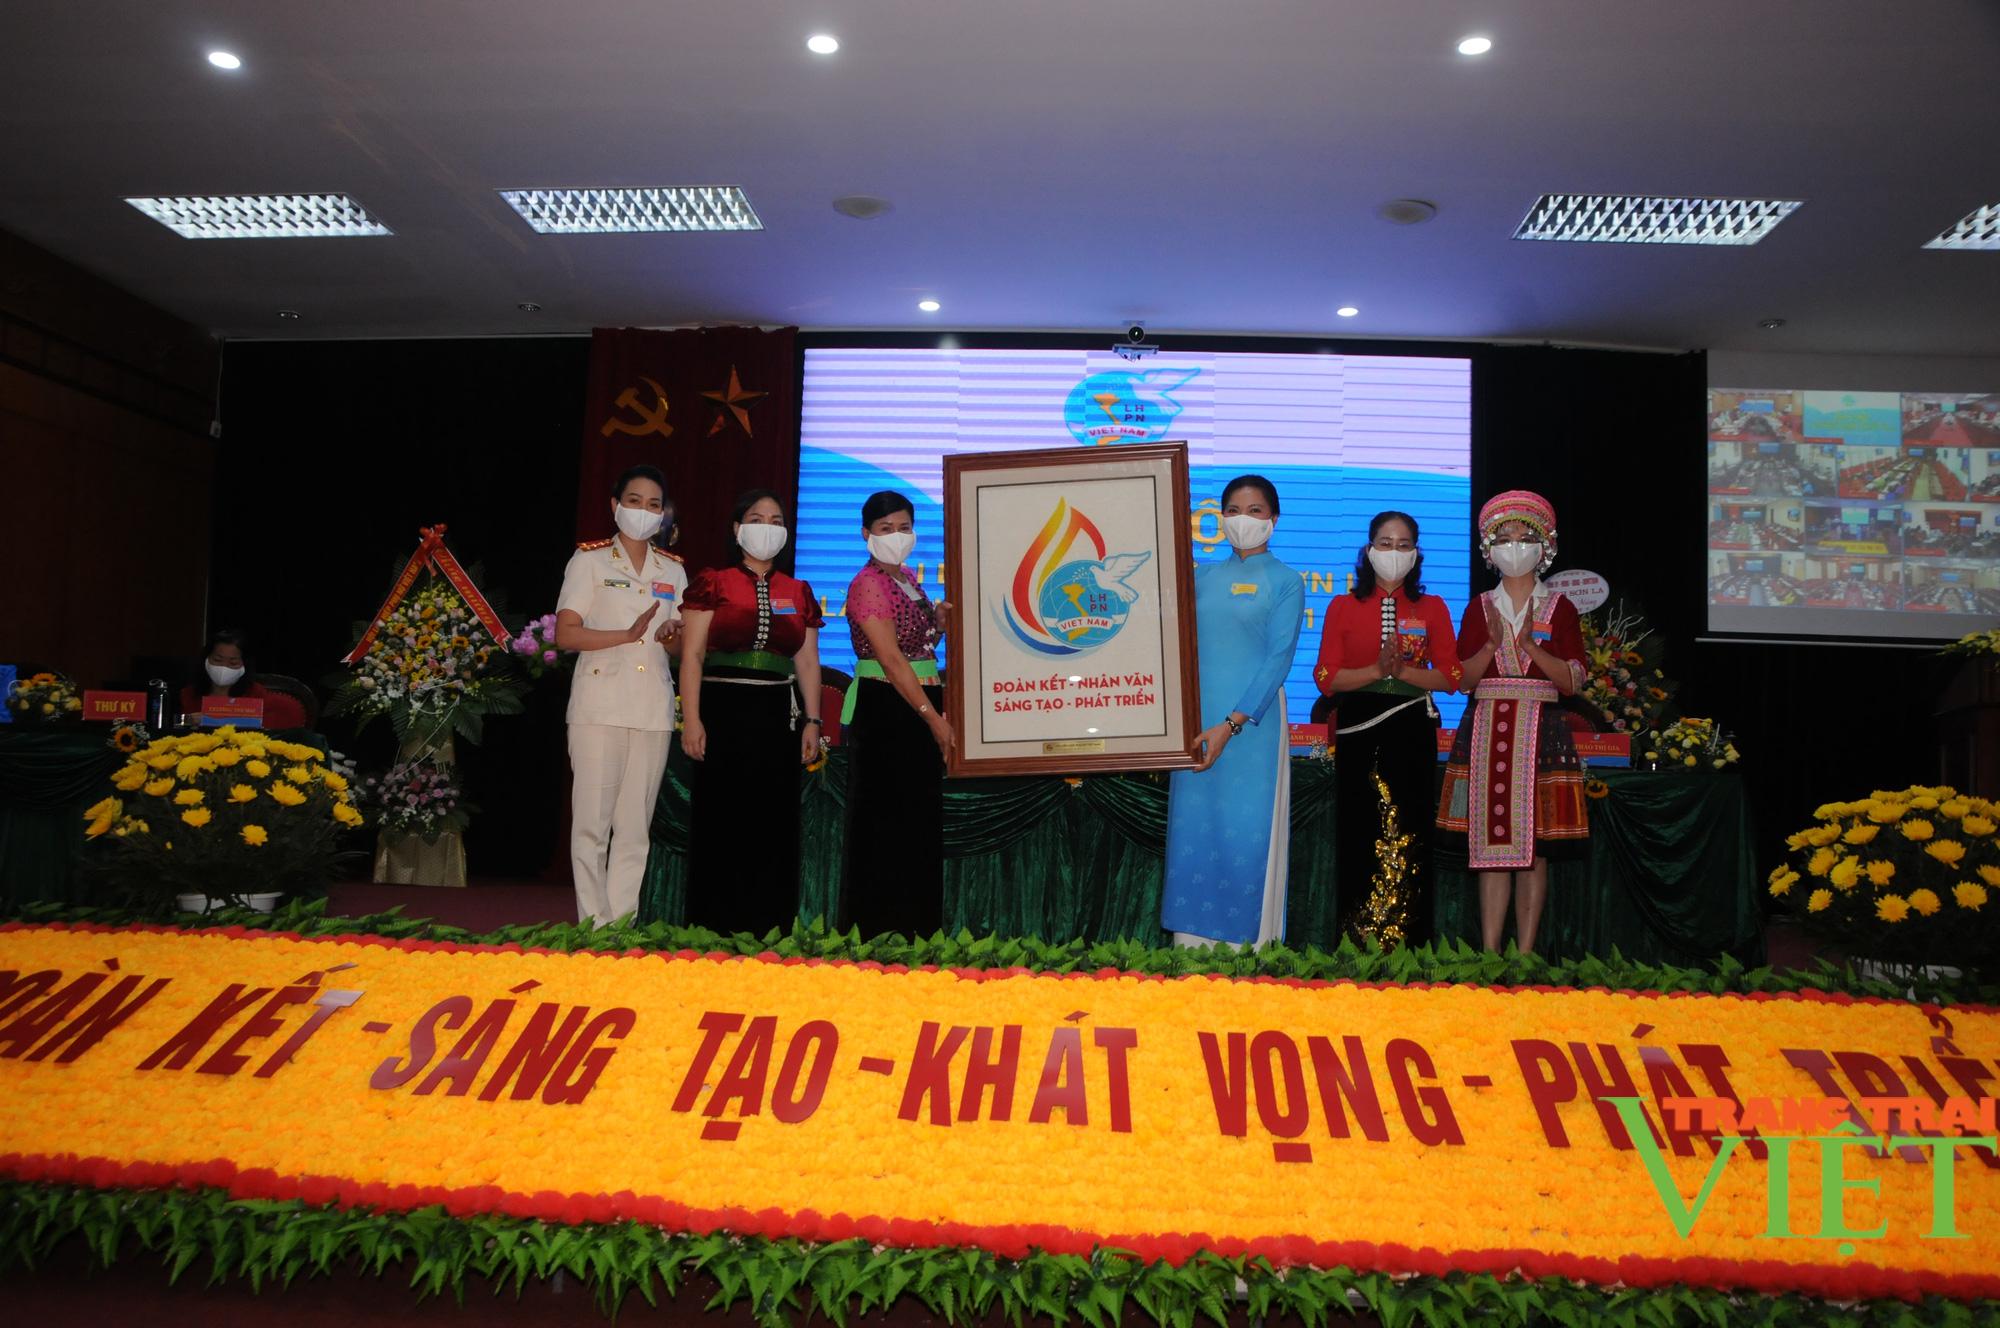 Hội Liên hiệp Phụ nữ tỉnh Sơn La: Giúp hơn 2.000 hộ nghèo thoát nghèo - Ảnh 5.